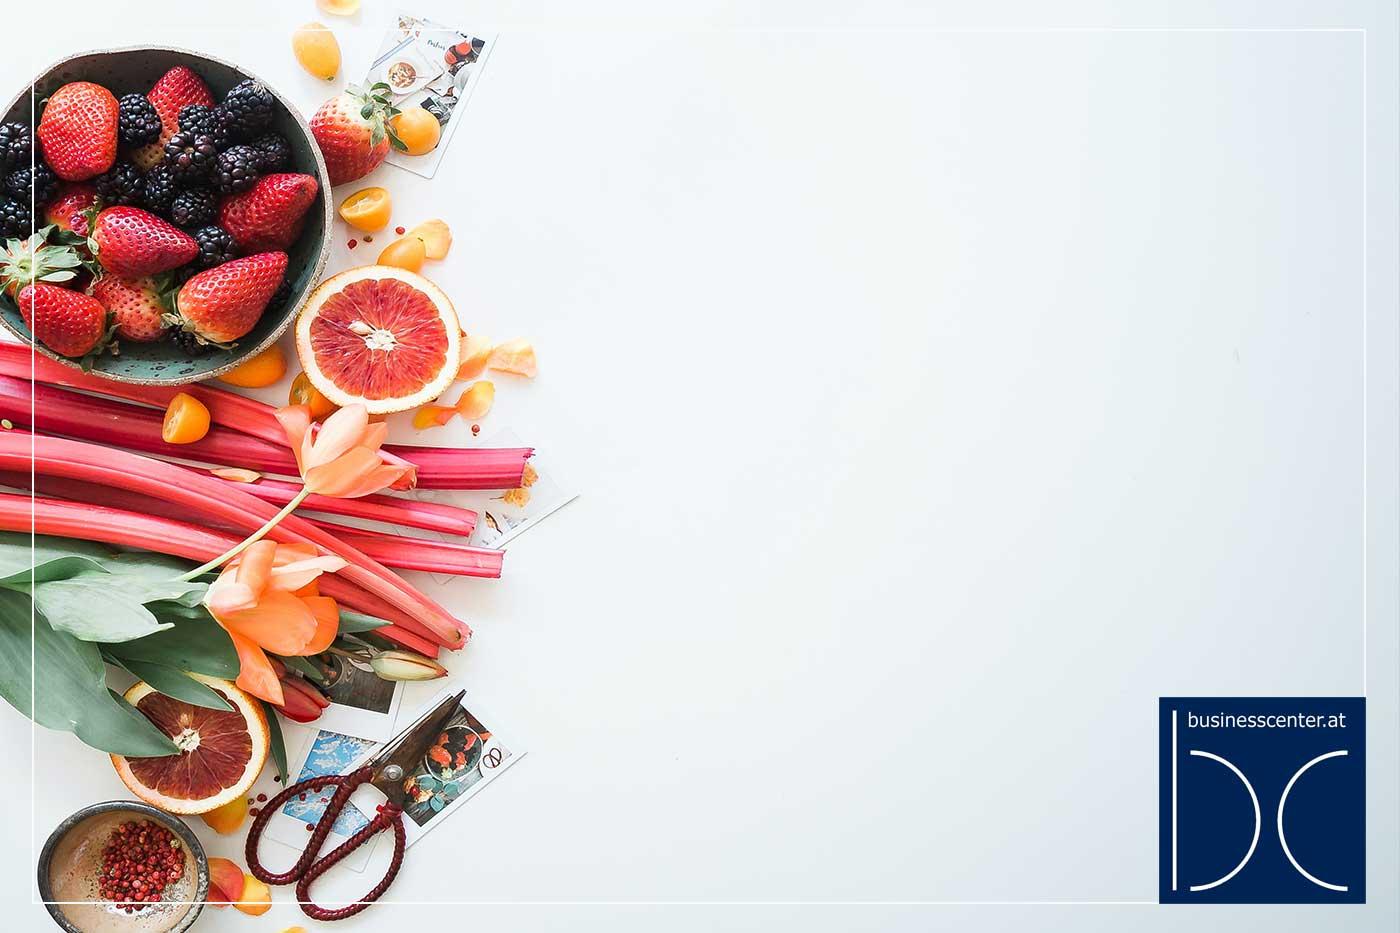 Gesunde Ernährung im Büro – 5 einfache Tipps